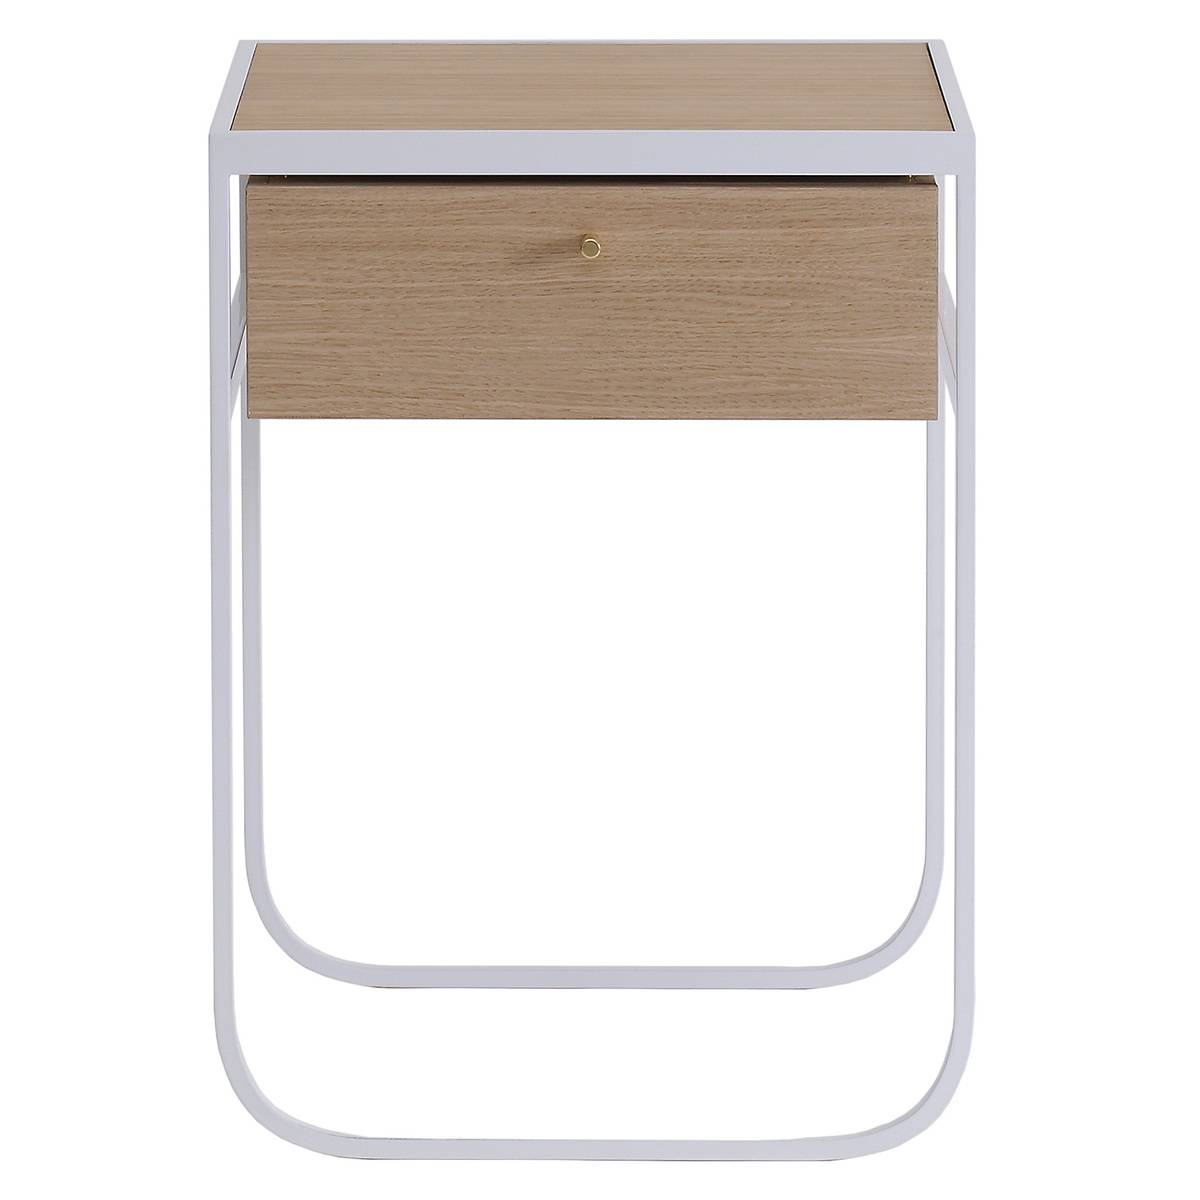 Asplund Nati Tati yöpöytä, valkopetsattu tammi - valkoinen